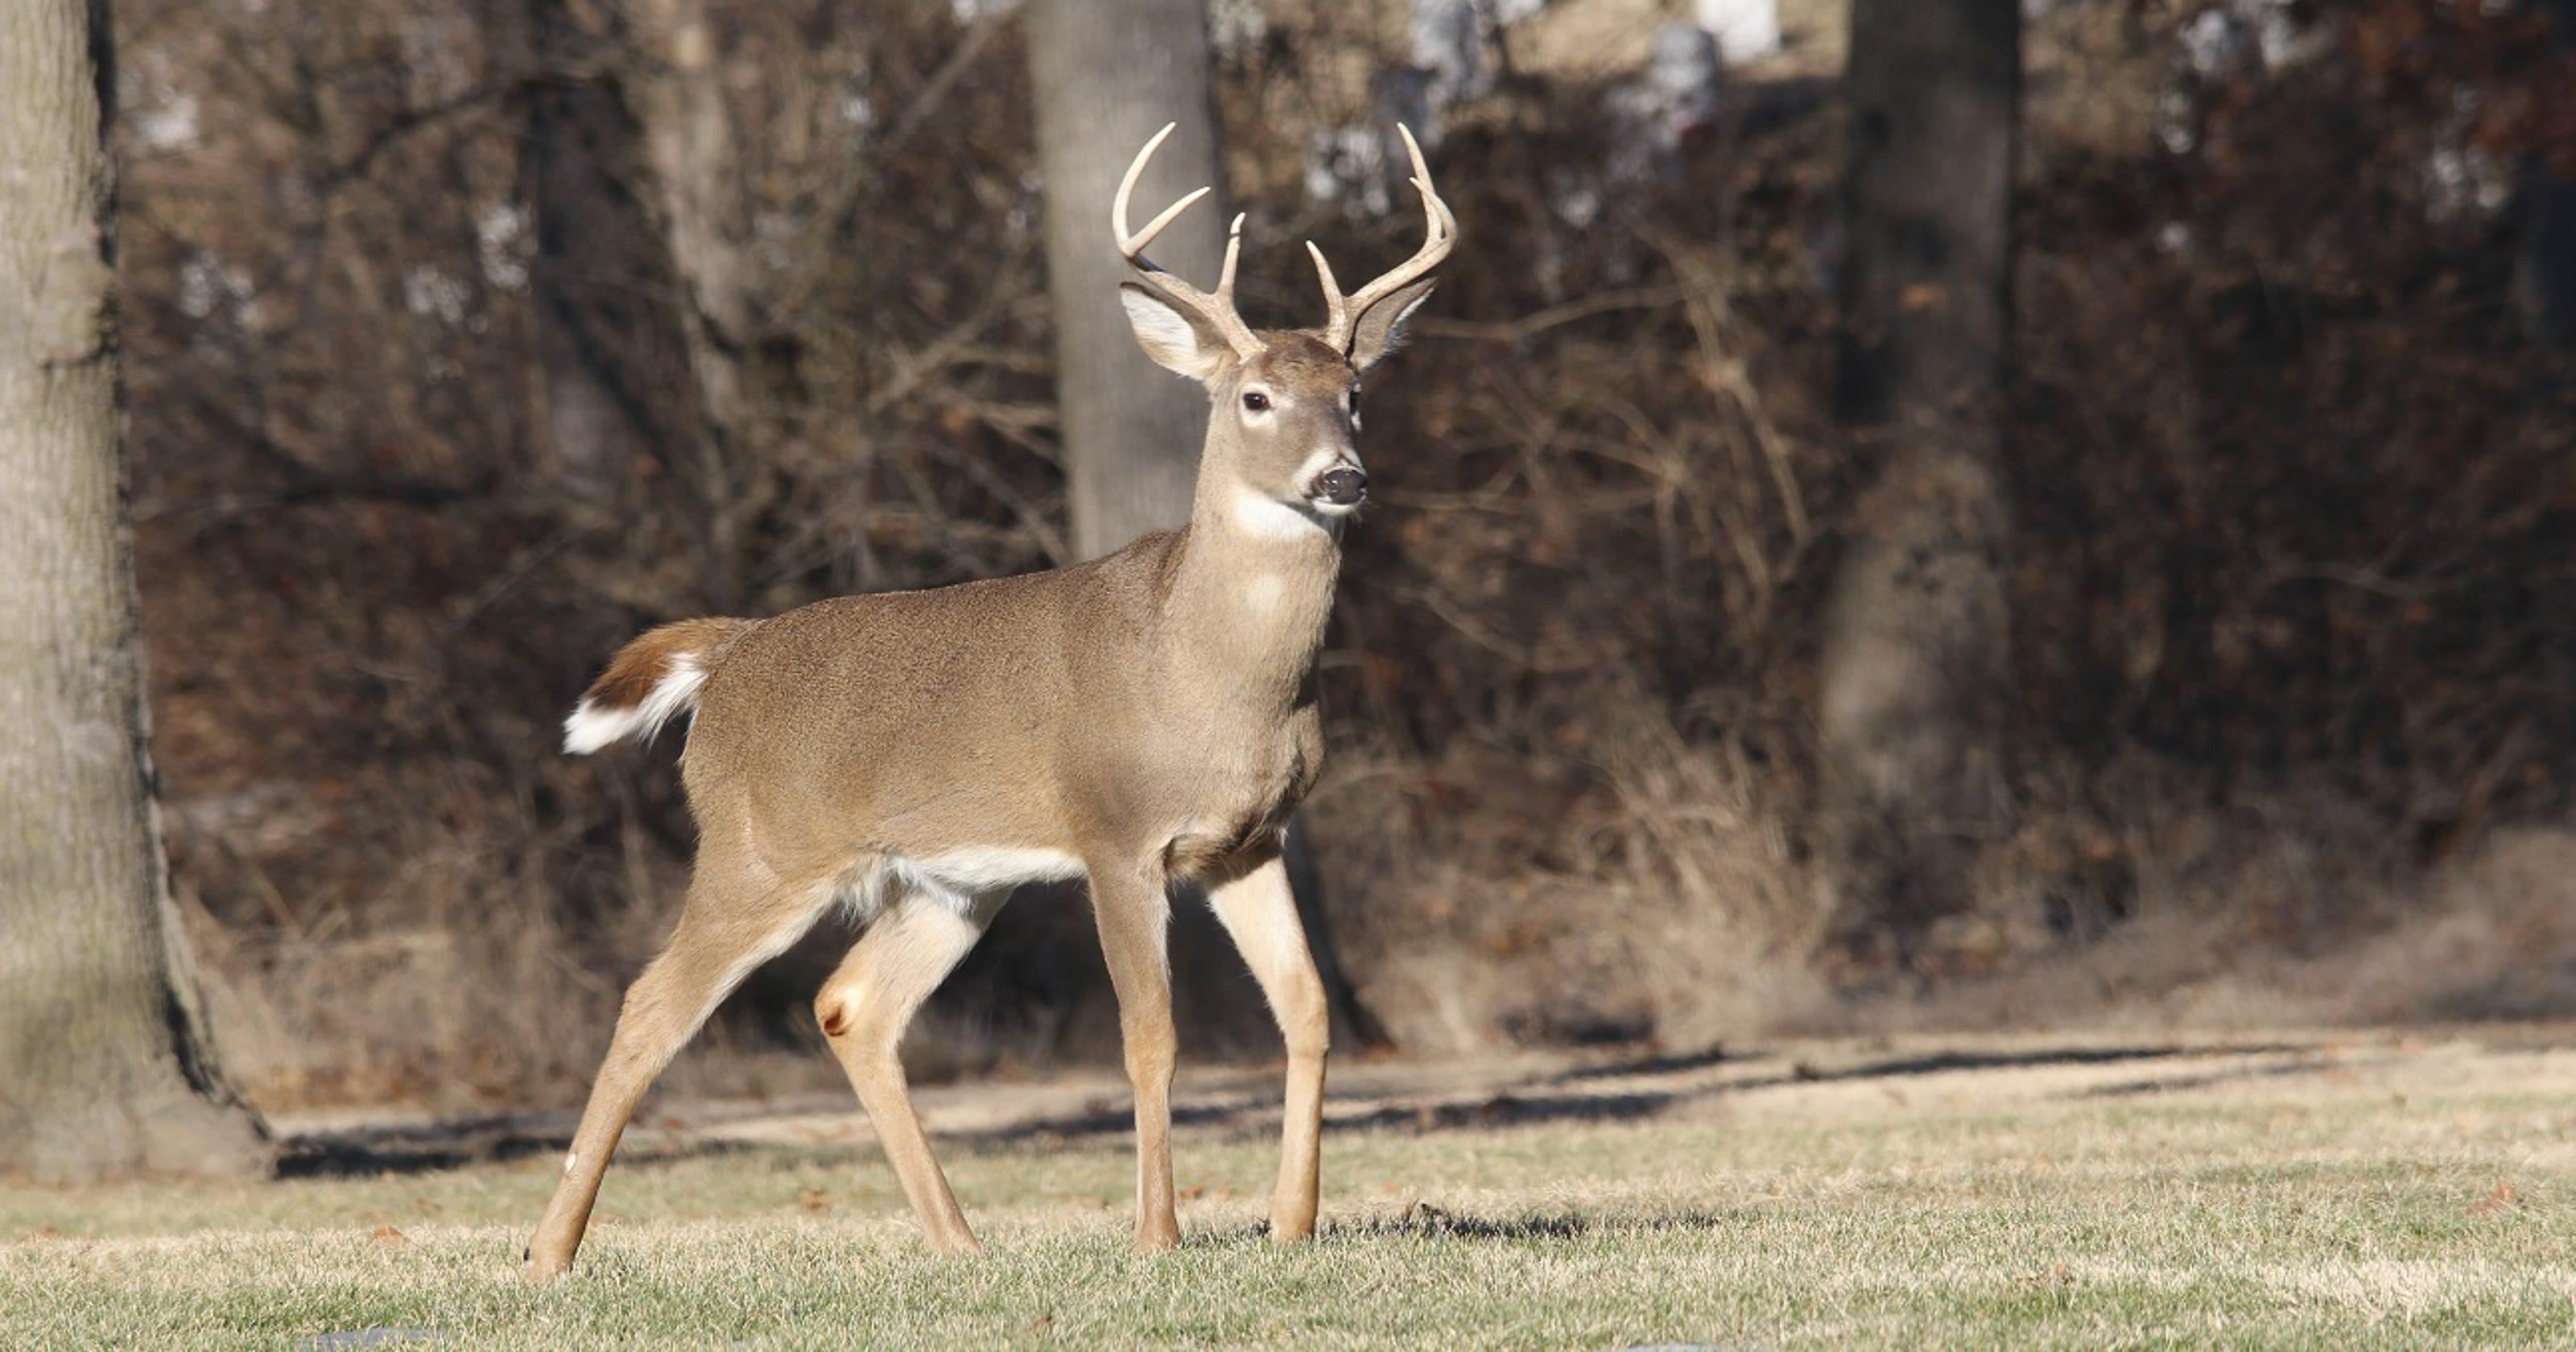 Car Sends Deer Flying, Deer Hits Pedestrian